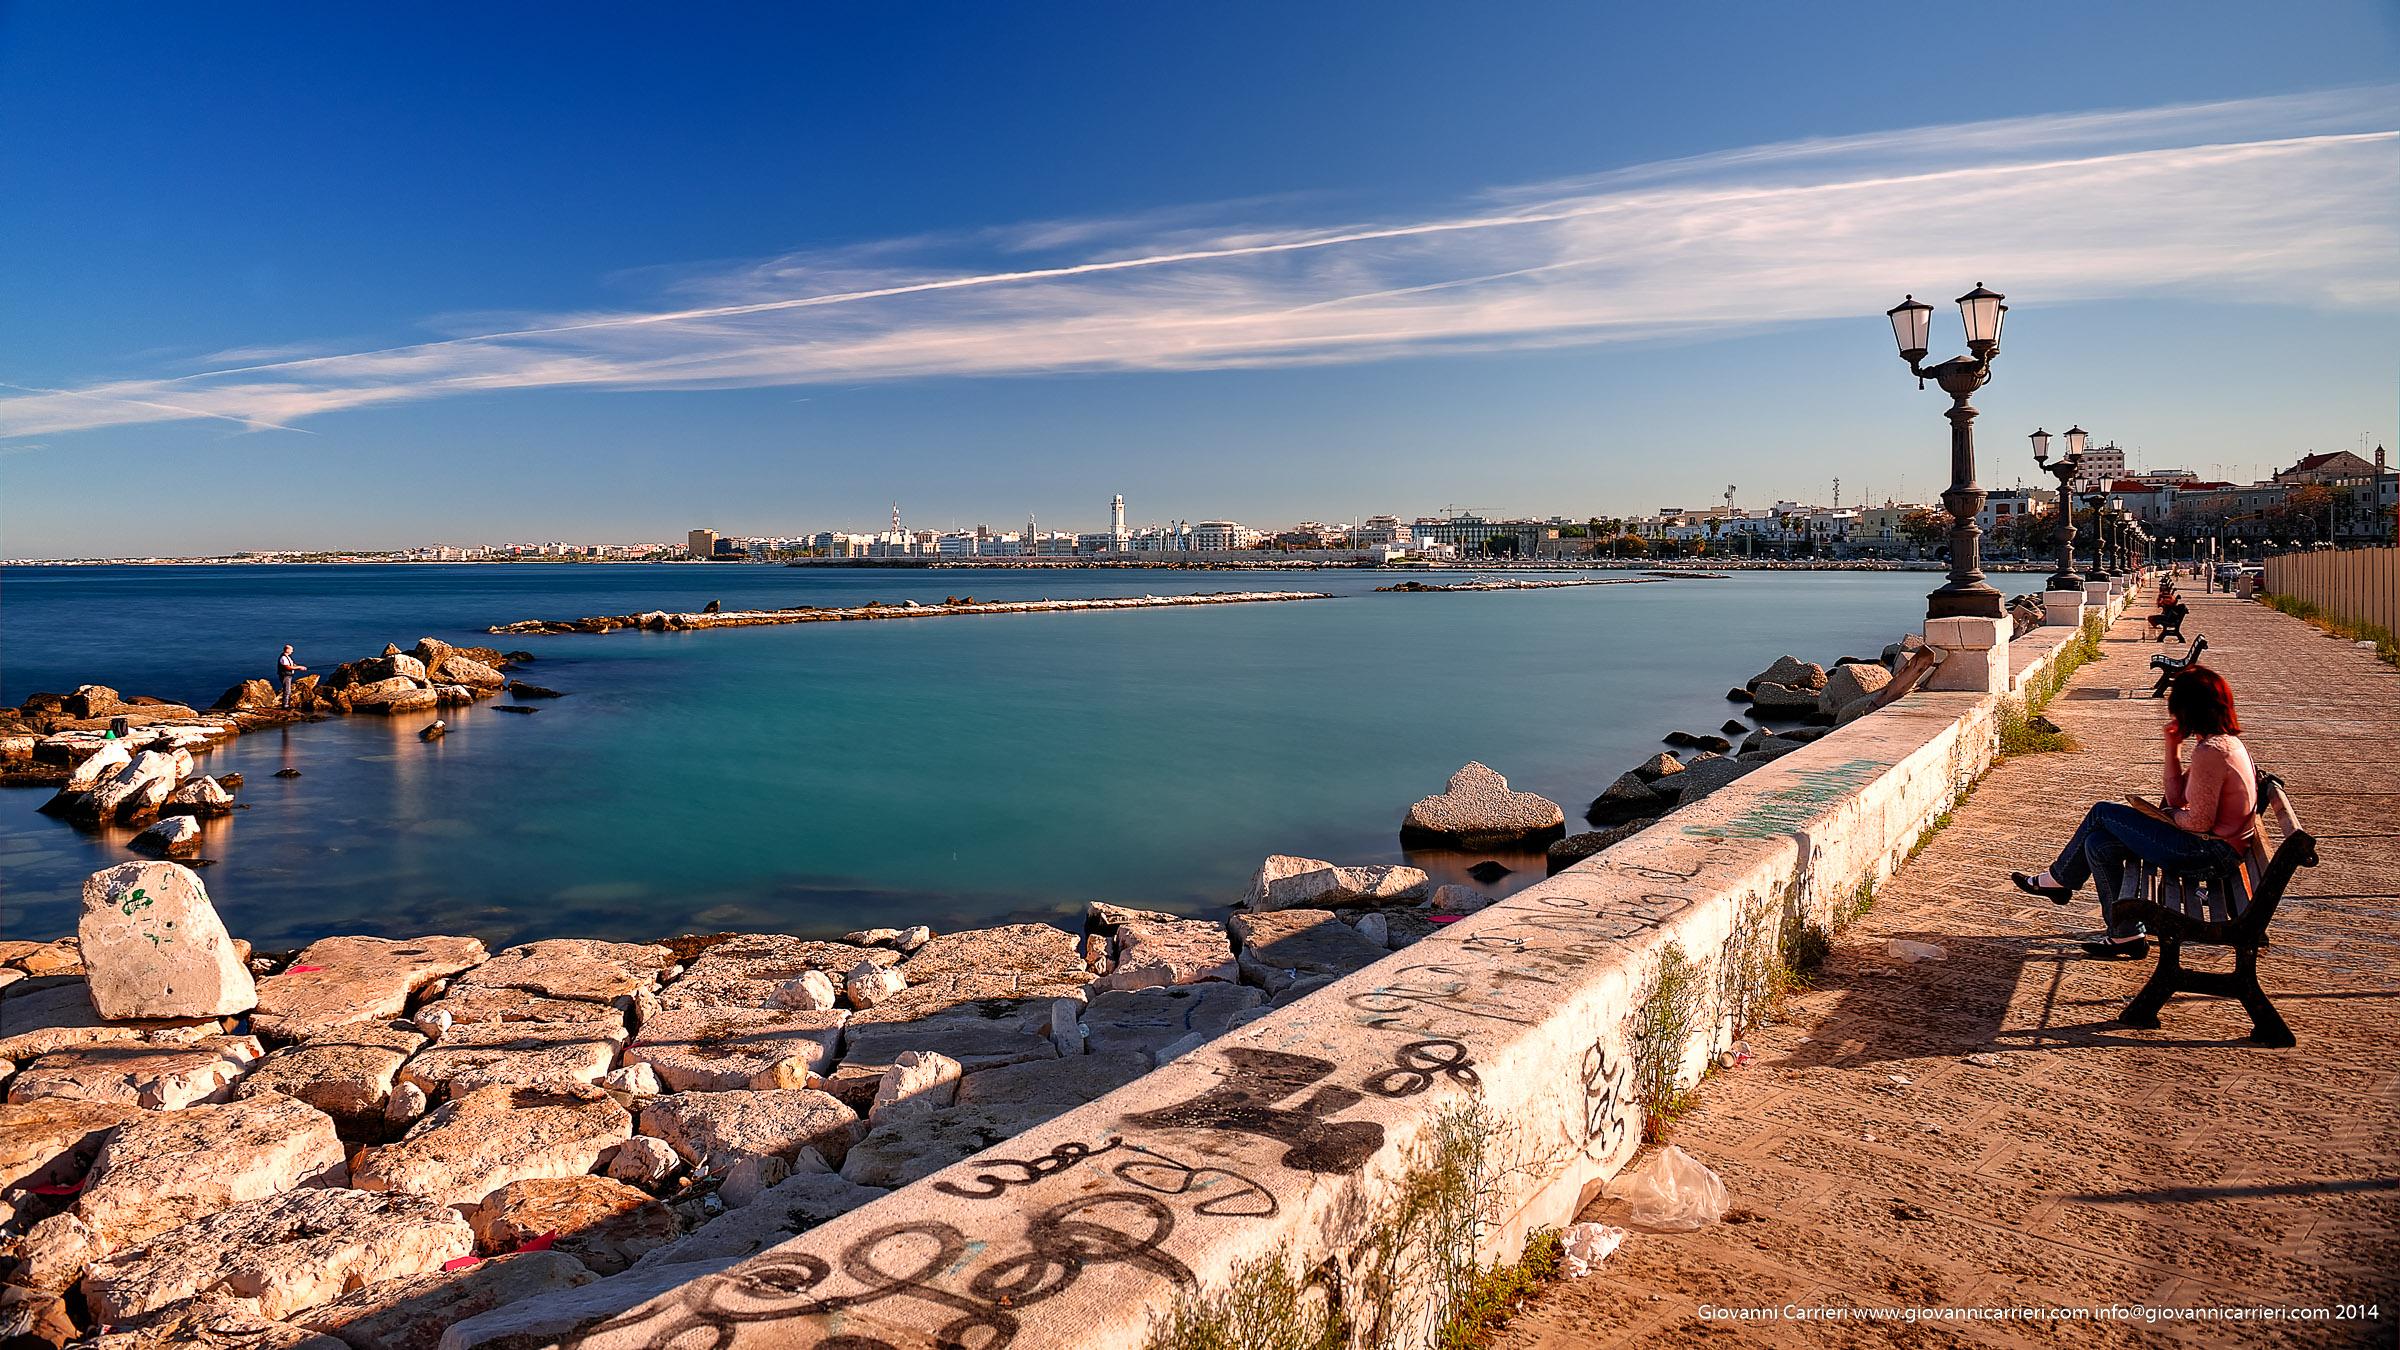 Il lungomare di Bari visto da Viale Augusto Imperatore